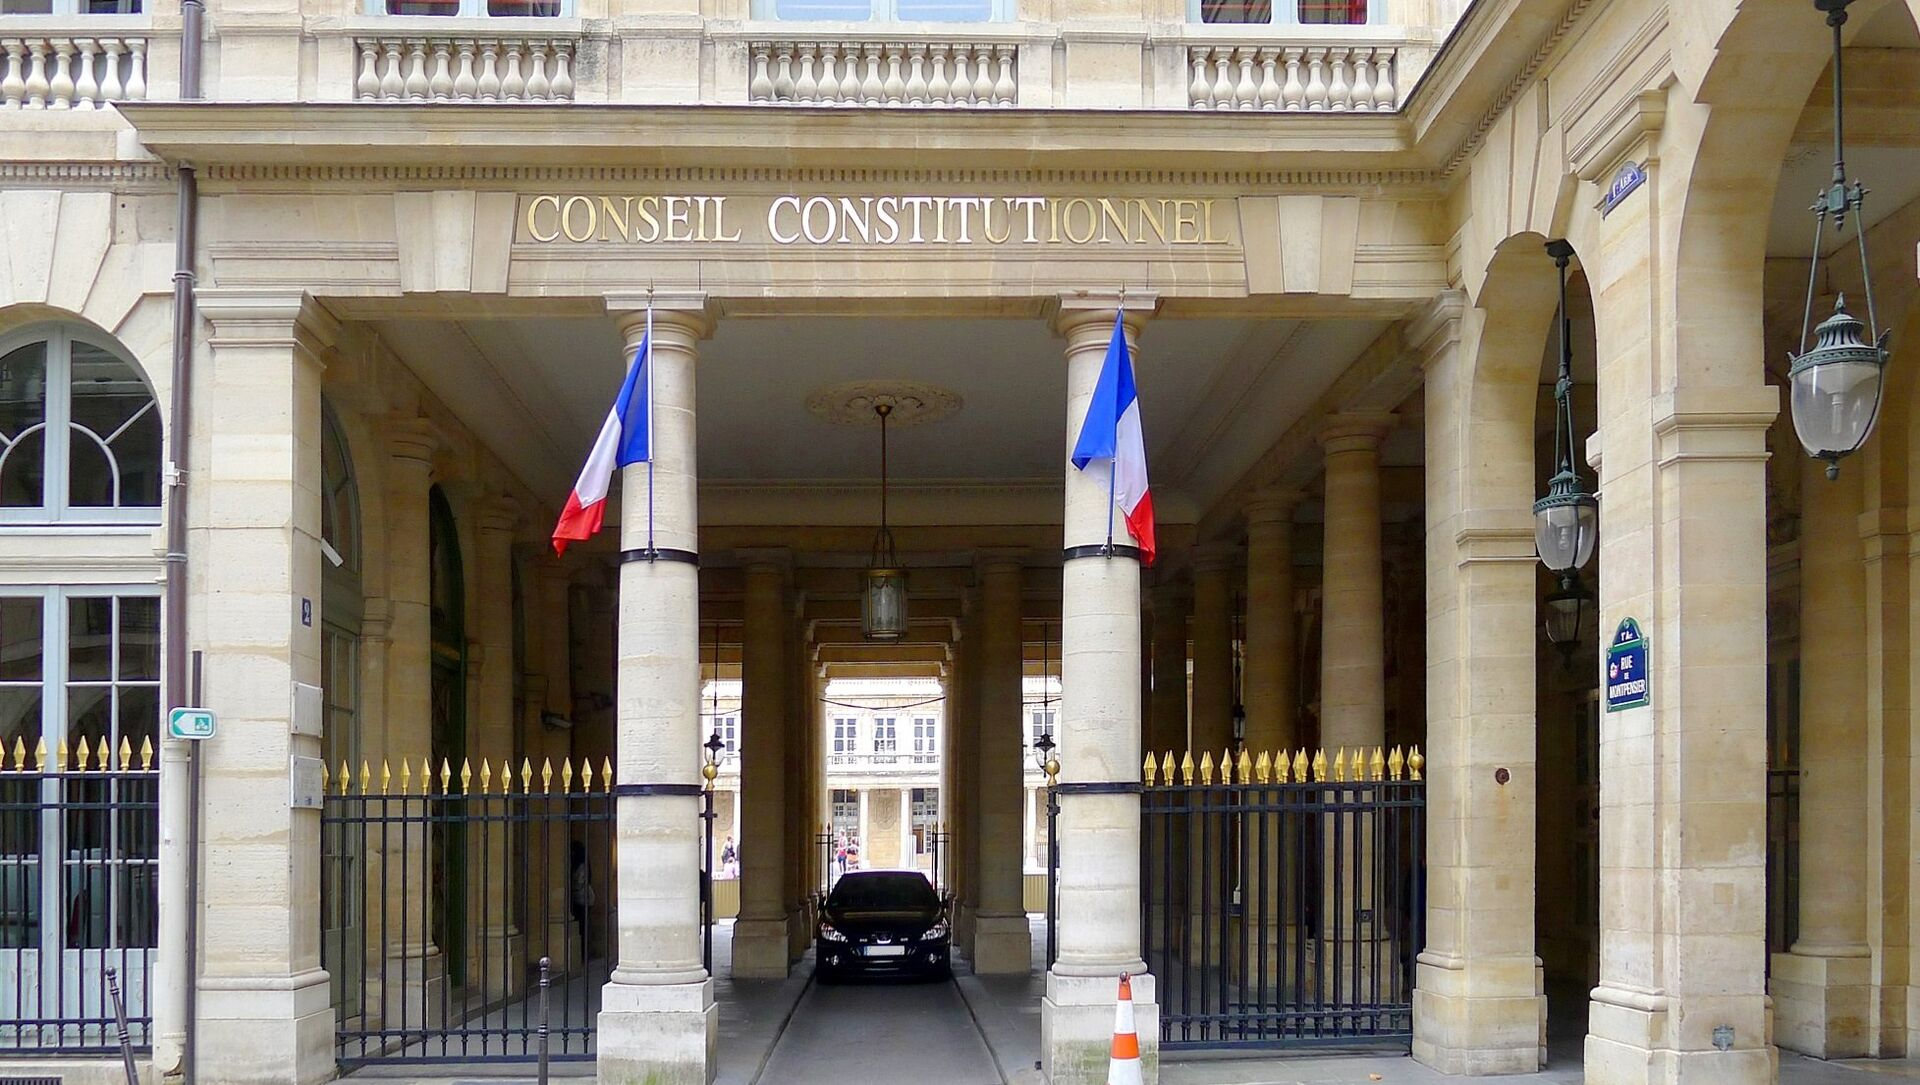 Rue de Montpensier (entrée du Conseil constitutionnel)  - Sputnik France, 1920, 06.08.2021